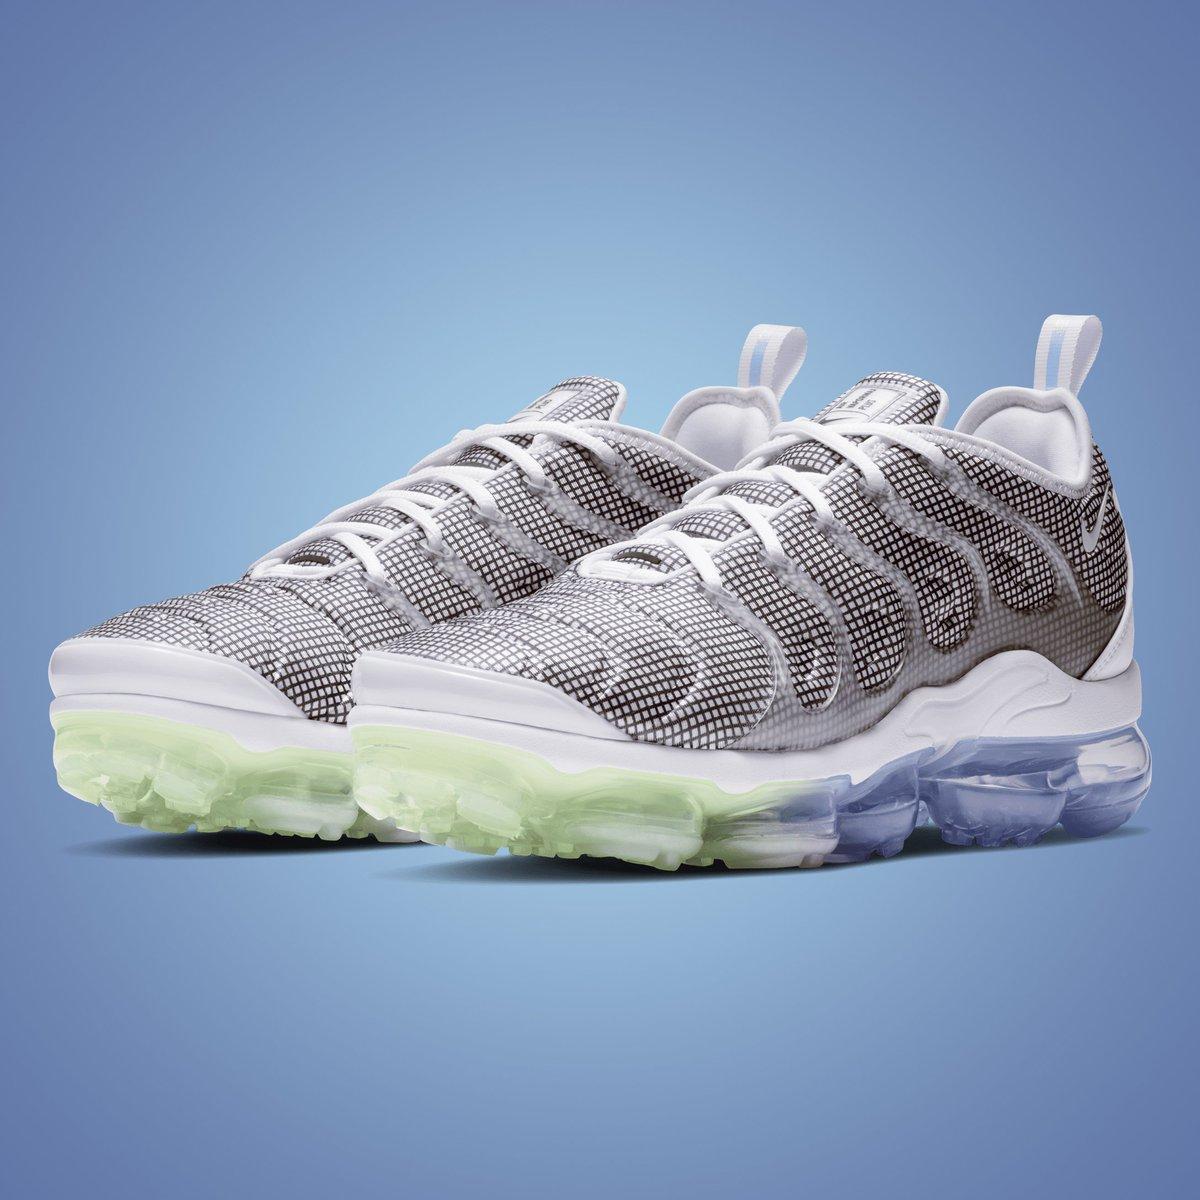 c0c76c6f098 GB S Sneaker Shop on Twitter